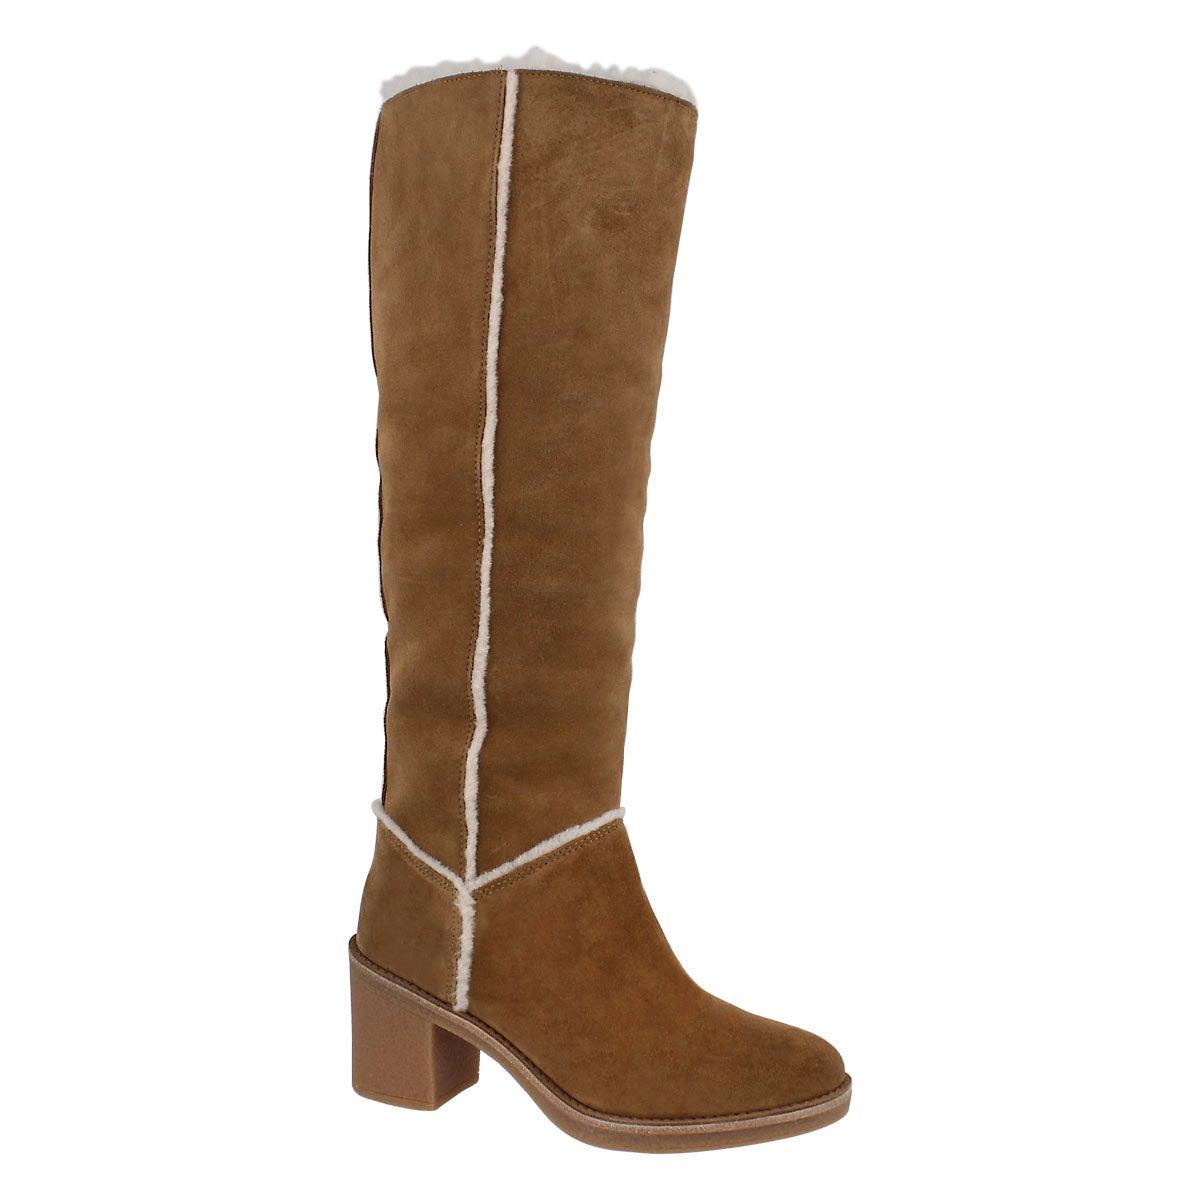 Women's KASEN TALL chestnut knee high boots